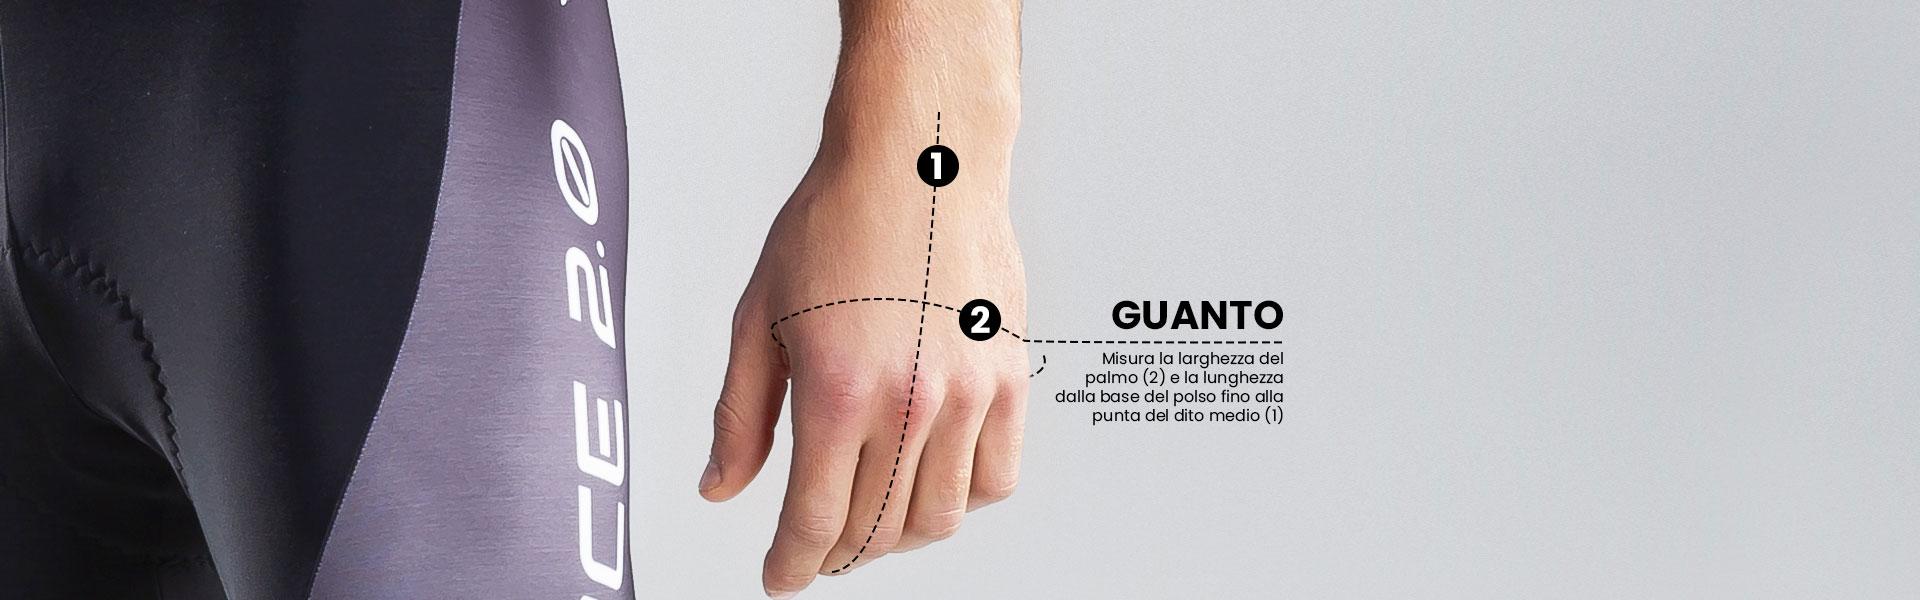 Marcello Bergamo taglie guanti